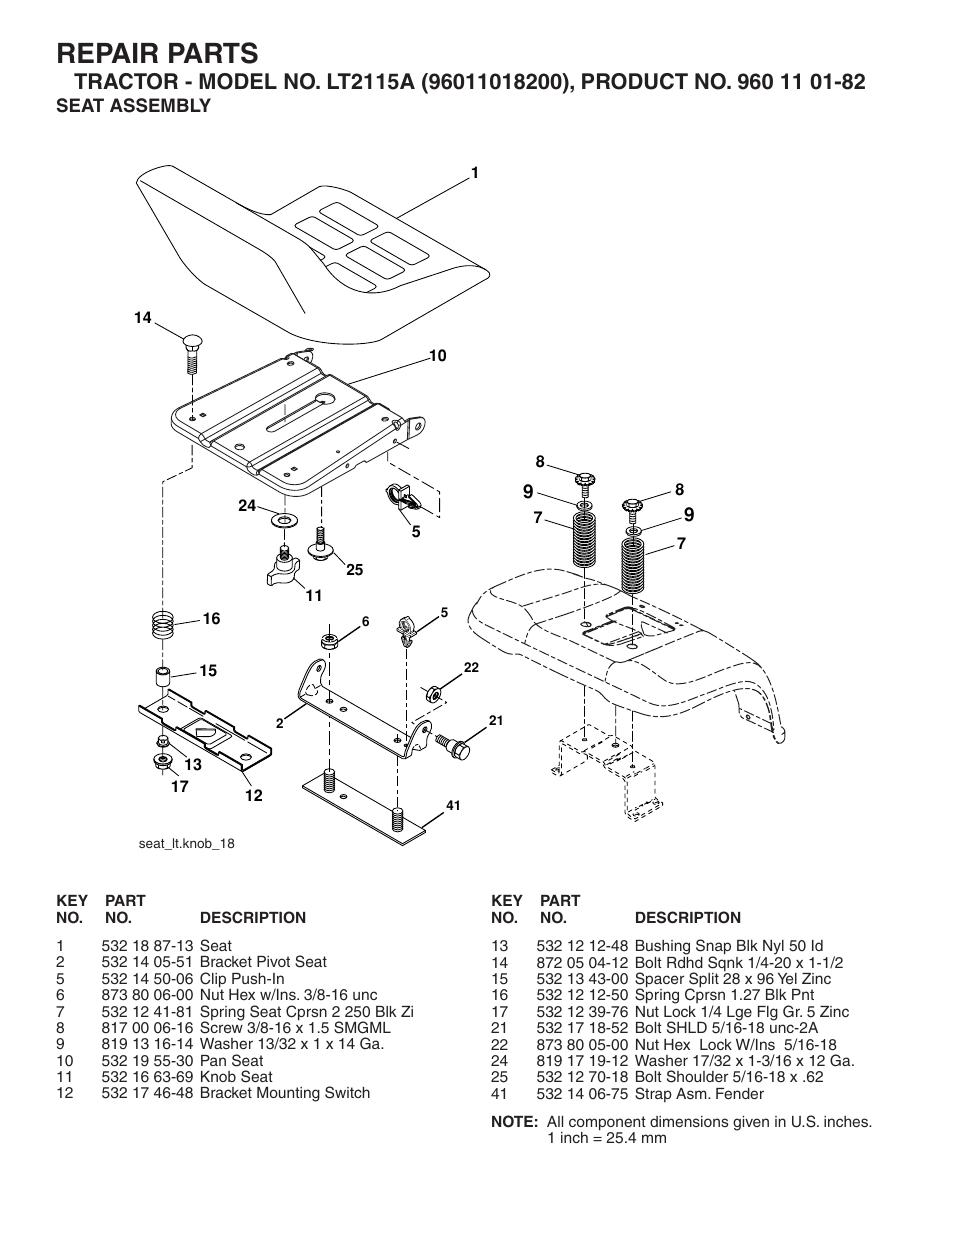 Repair Parts